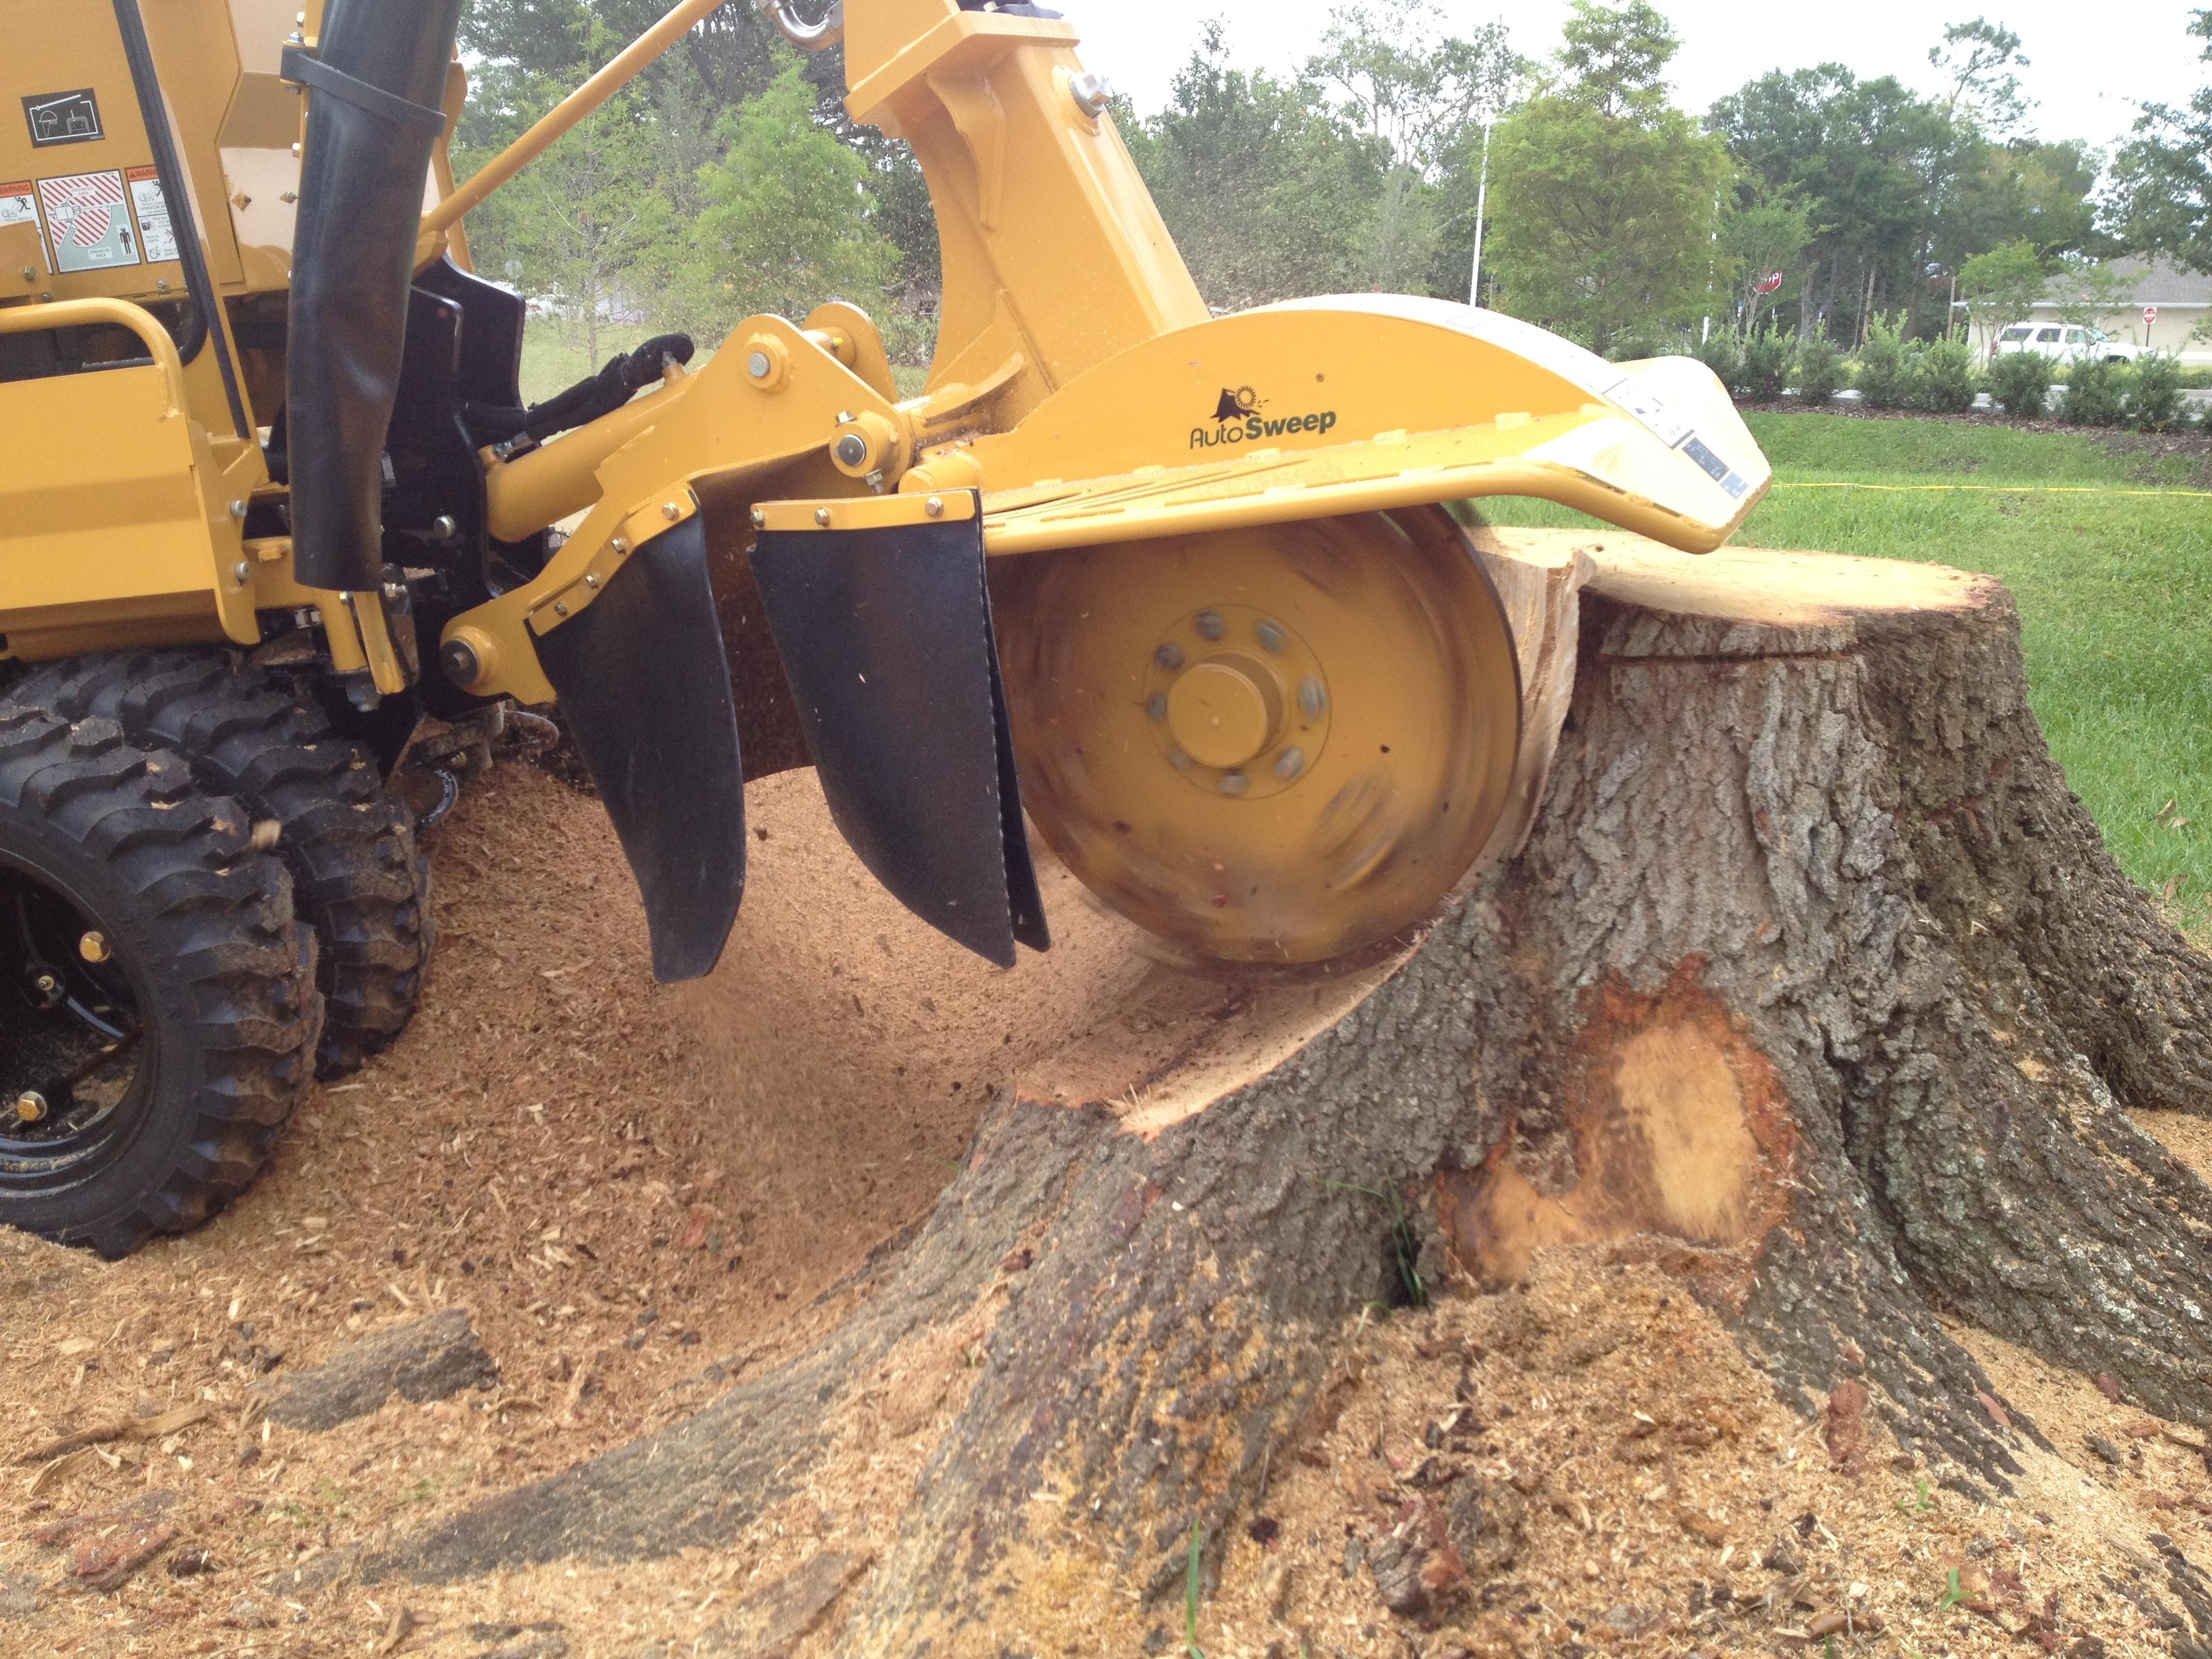 Just The Stump - Winnebago, IL 61088 - (815)222-7801 | ShowMeLocal.com